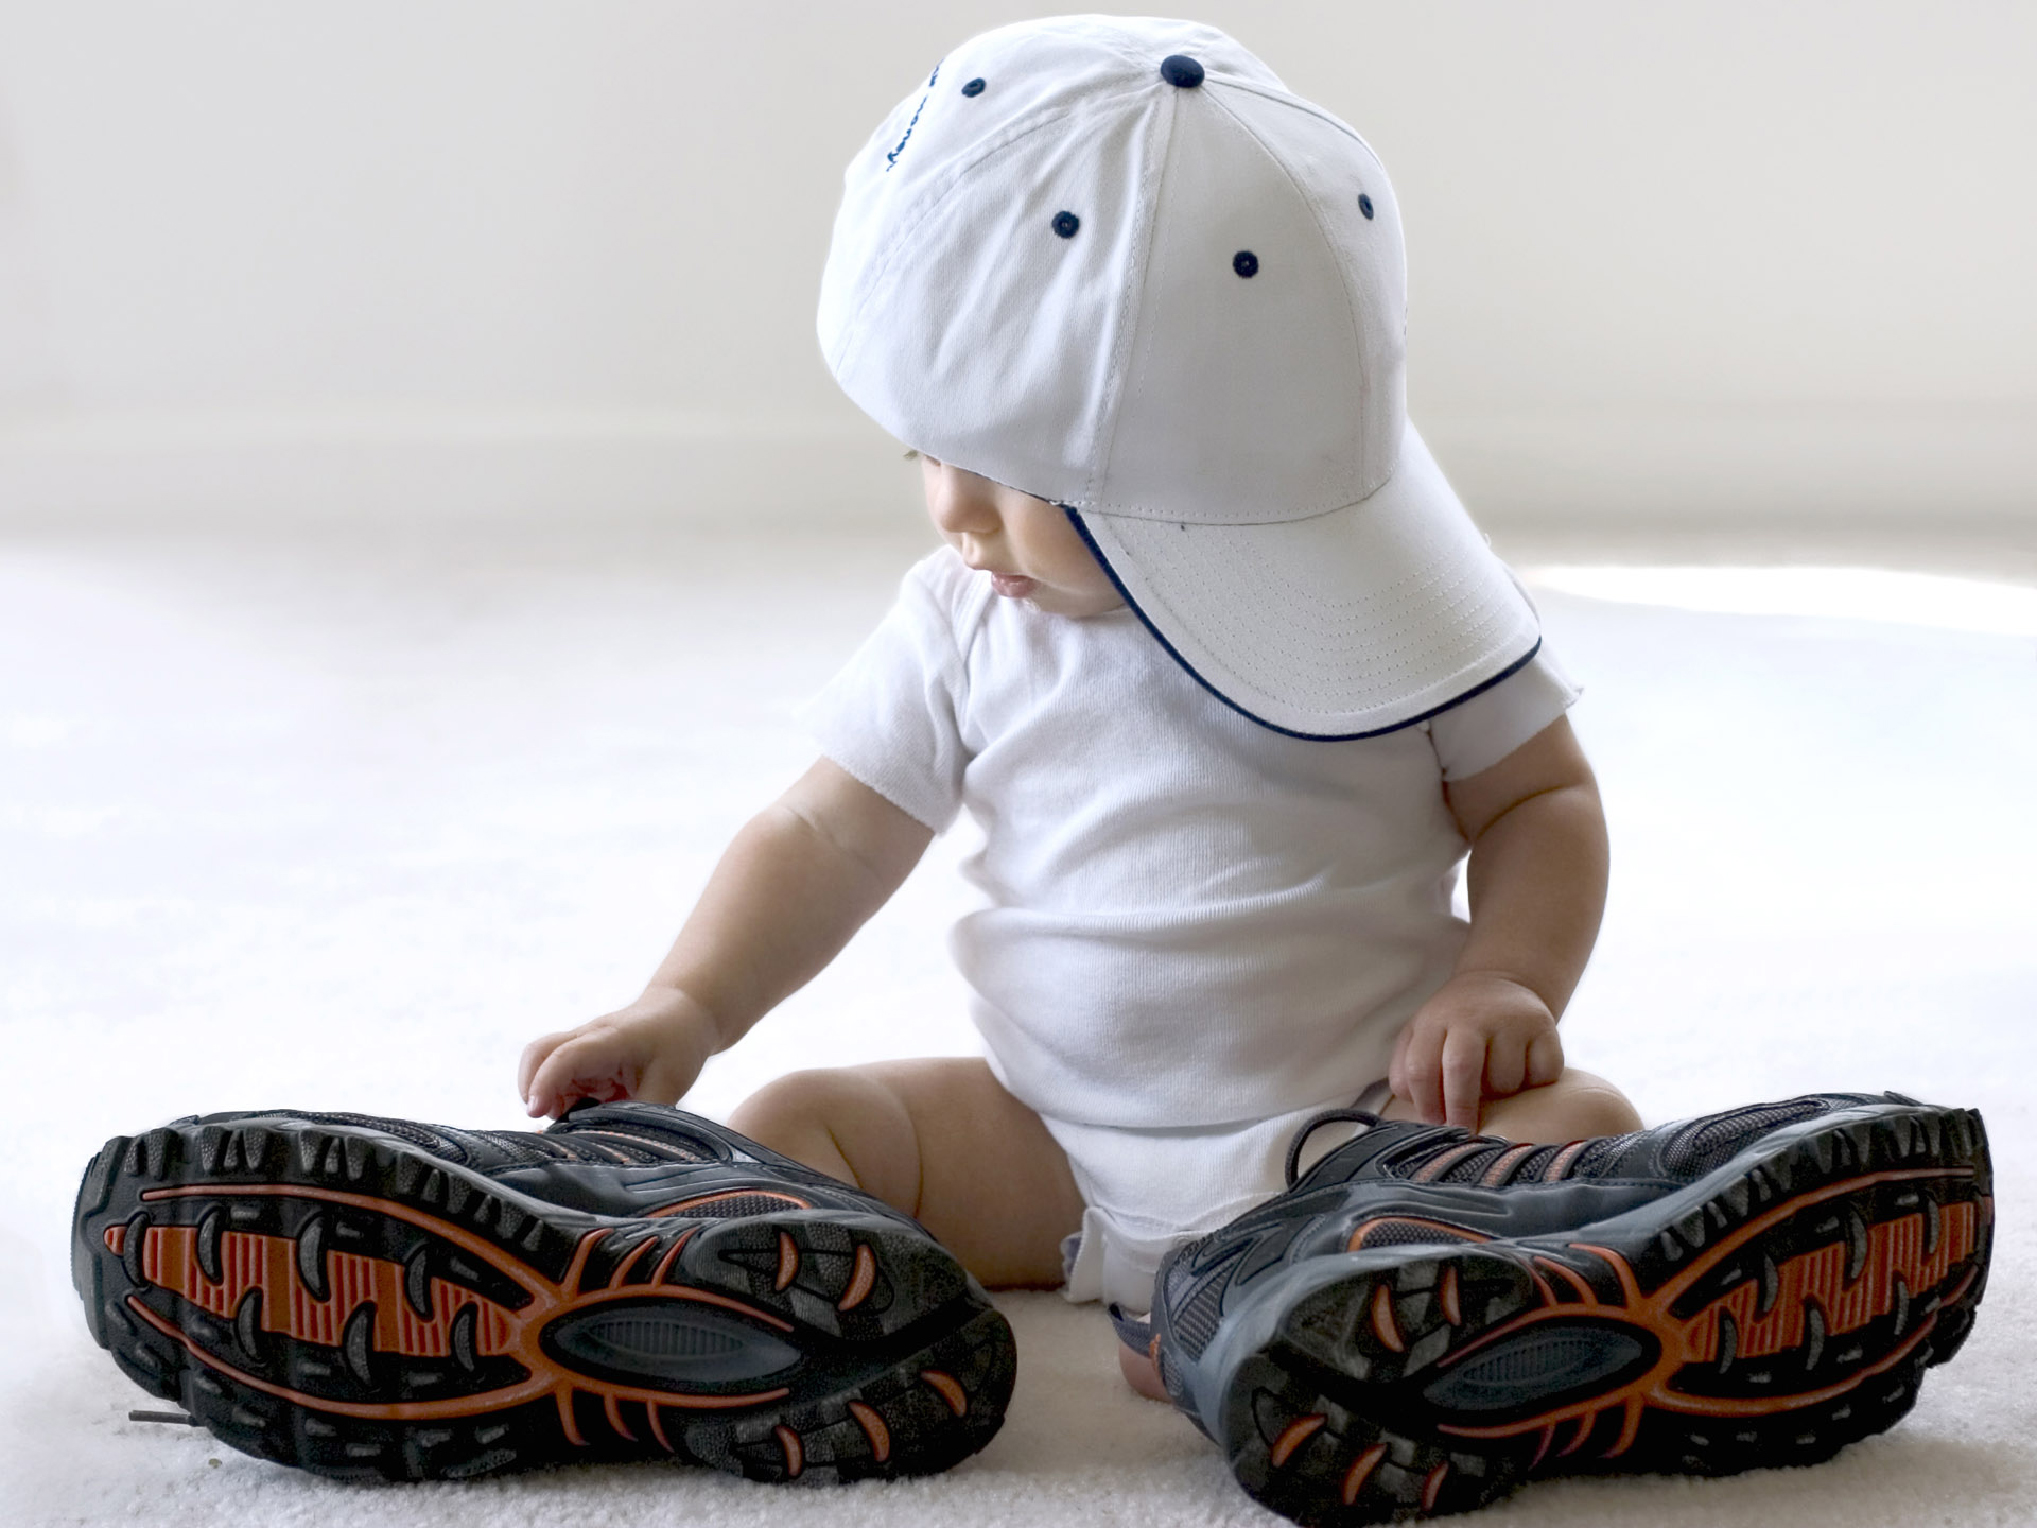 Calzado para niños: consecuencias de comprarles zapatos grandes